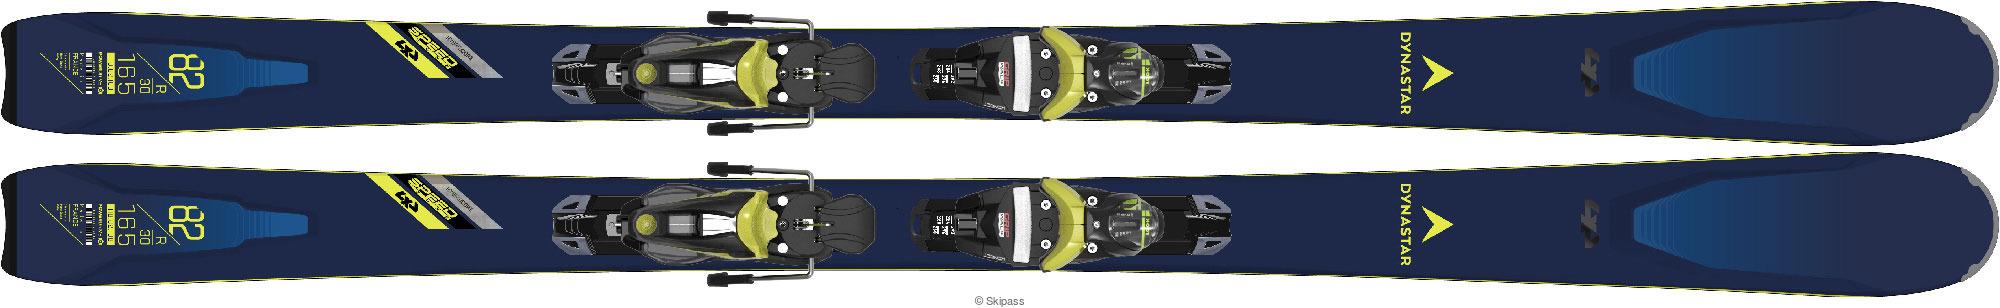 Dynastar Speed Zone 4x4 82 Konect